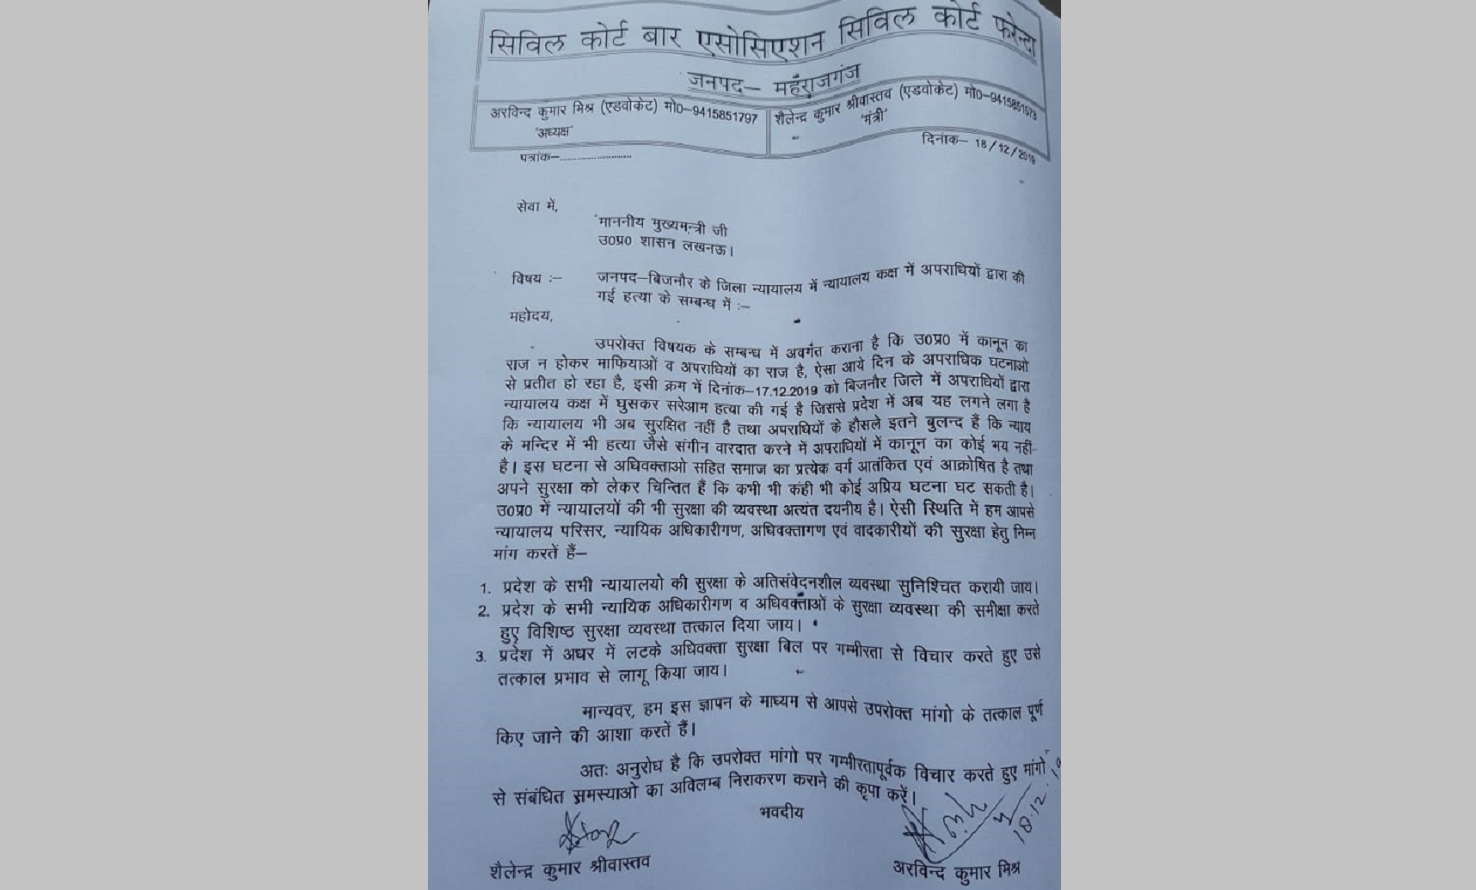 आक्रोशित अधिवक्ताओं ने बिजनौर की घटना को लेकर एसडीएम को सौंपा ज्ञापन